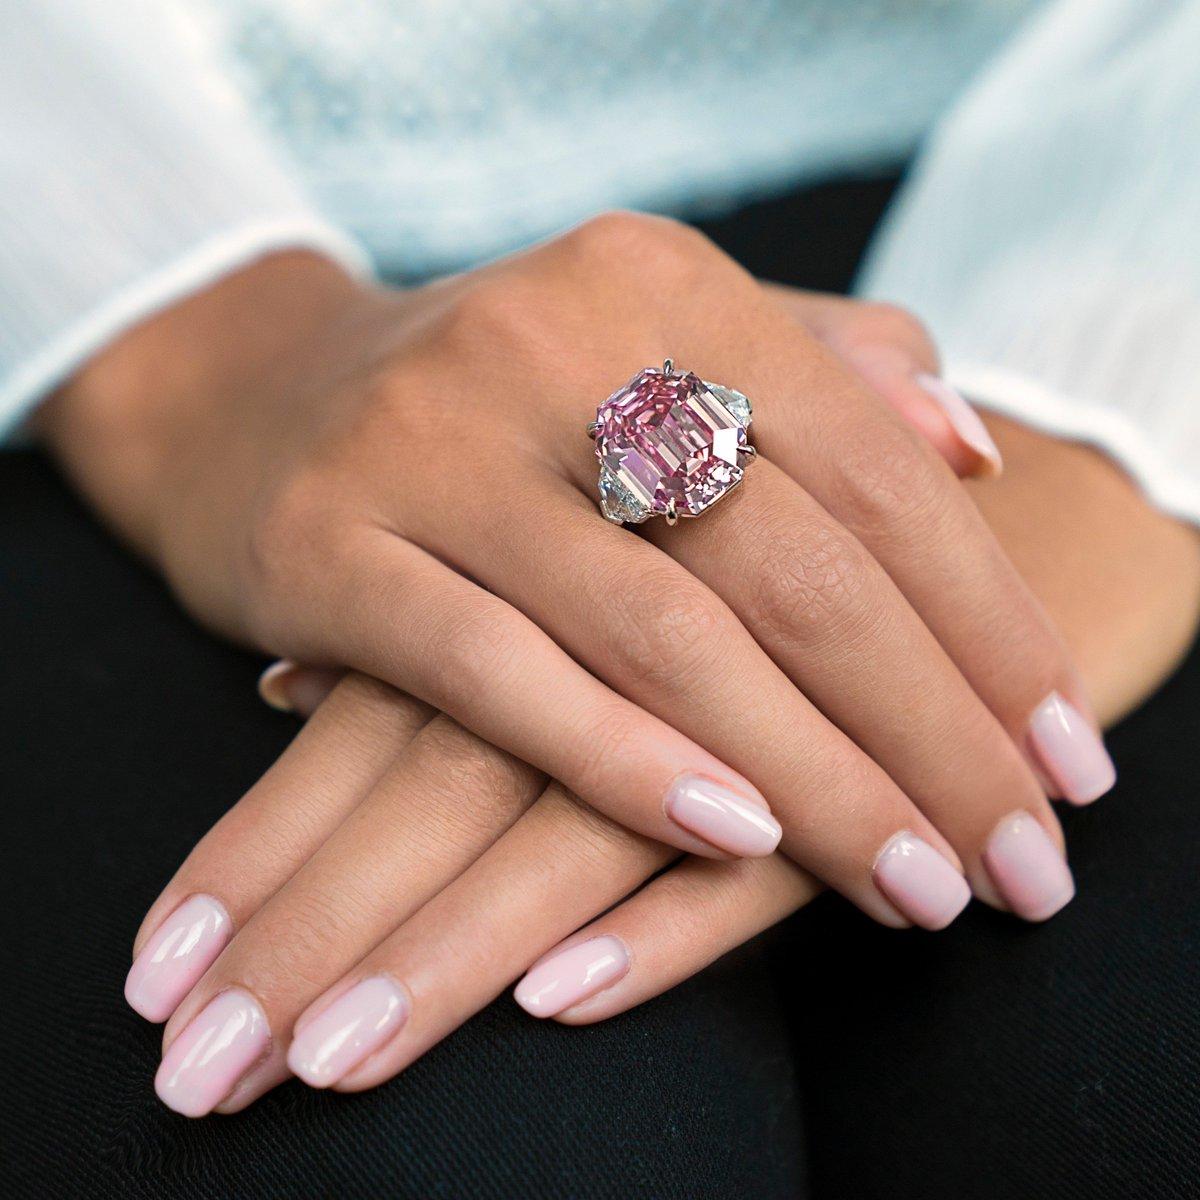 Χαμάδικο διαμάντι